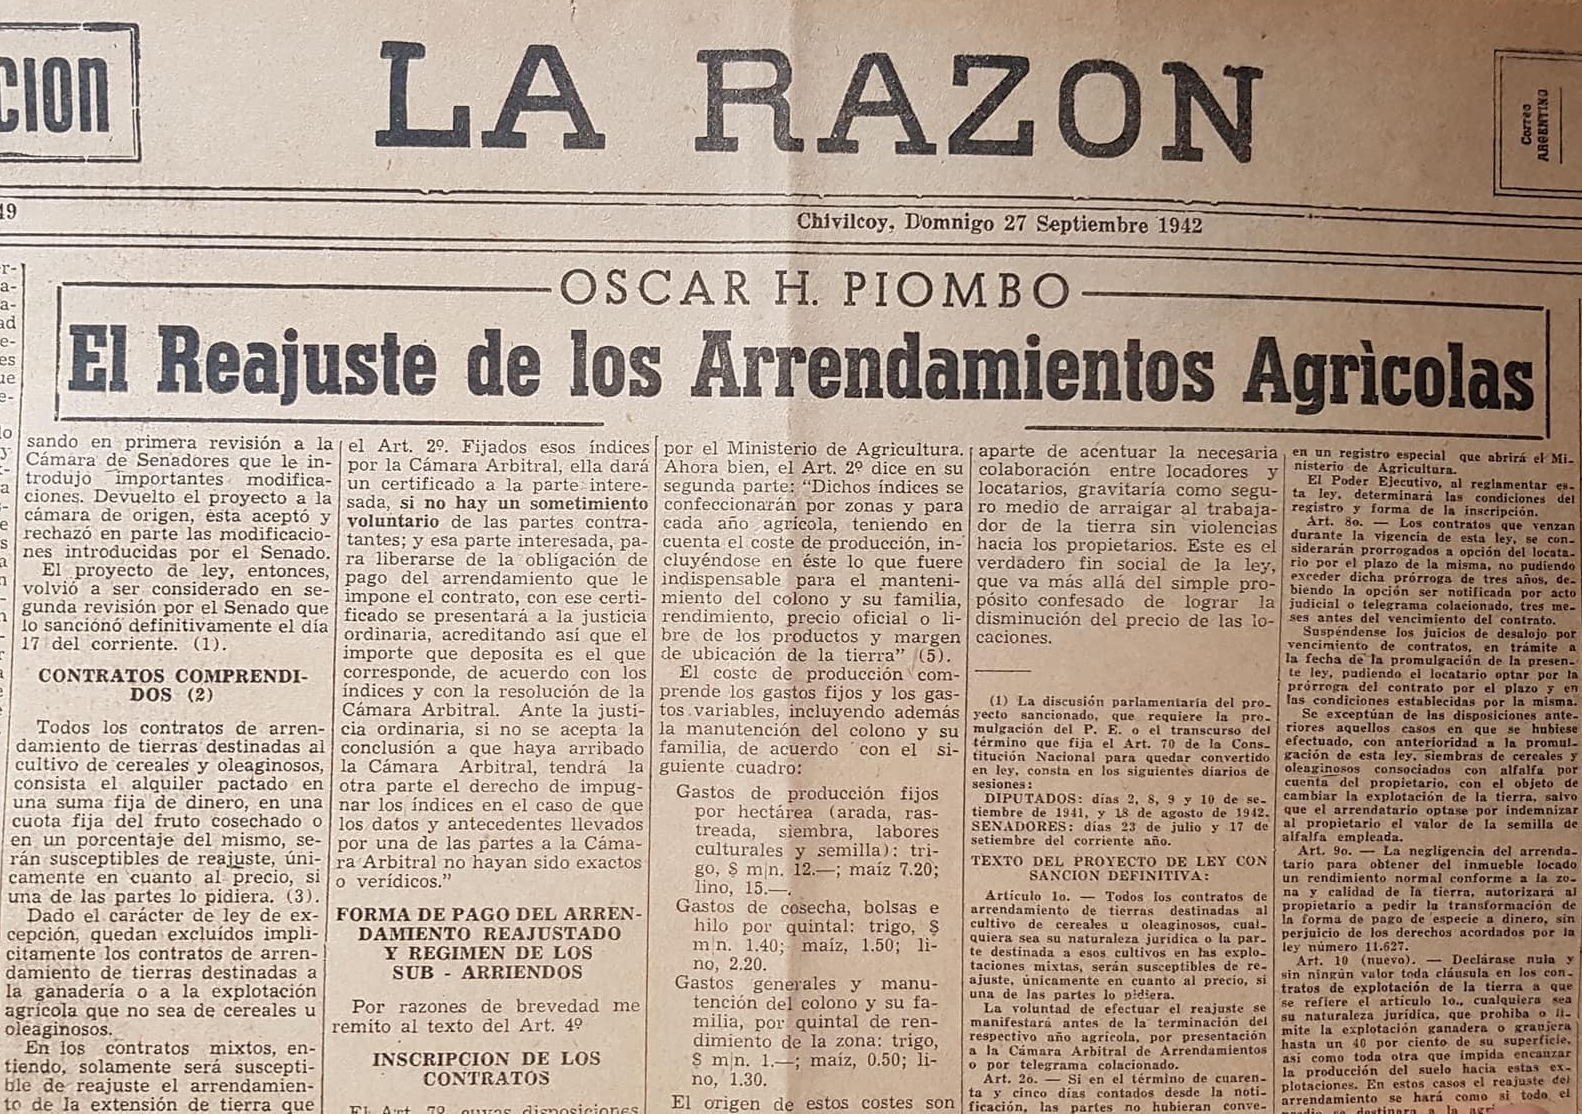 Recordando al procurador, Dr. Oscar Horacio Piombo